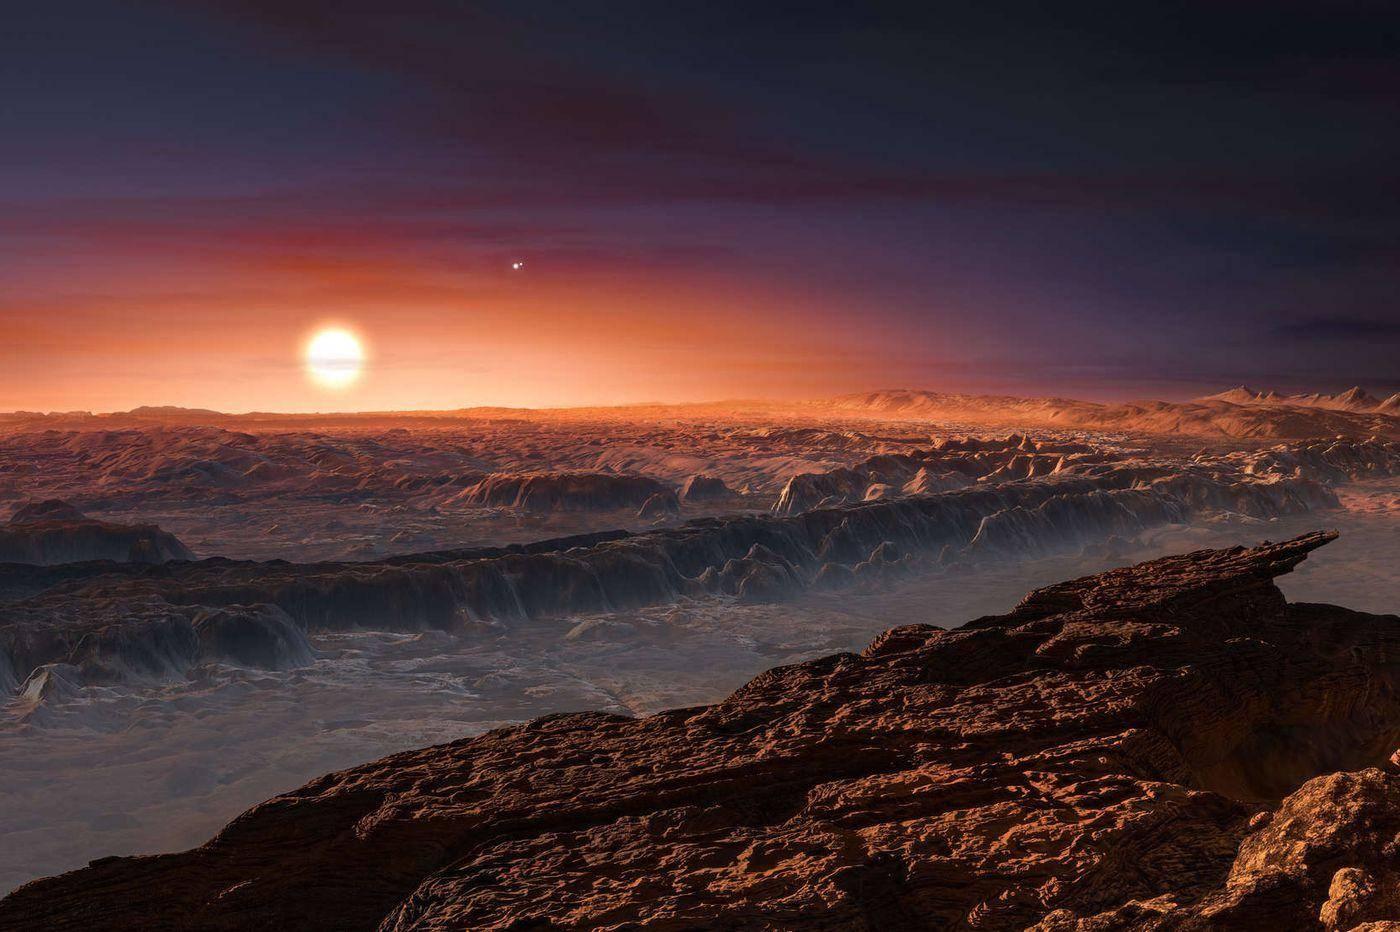 如何证明宇宙中存在其他生命体?